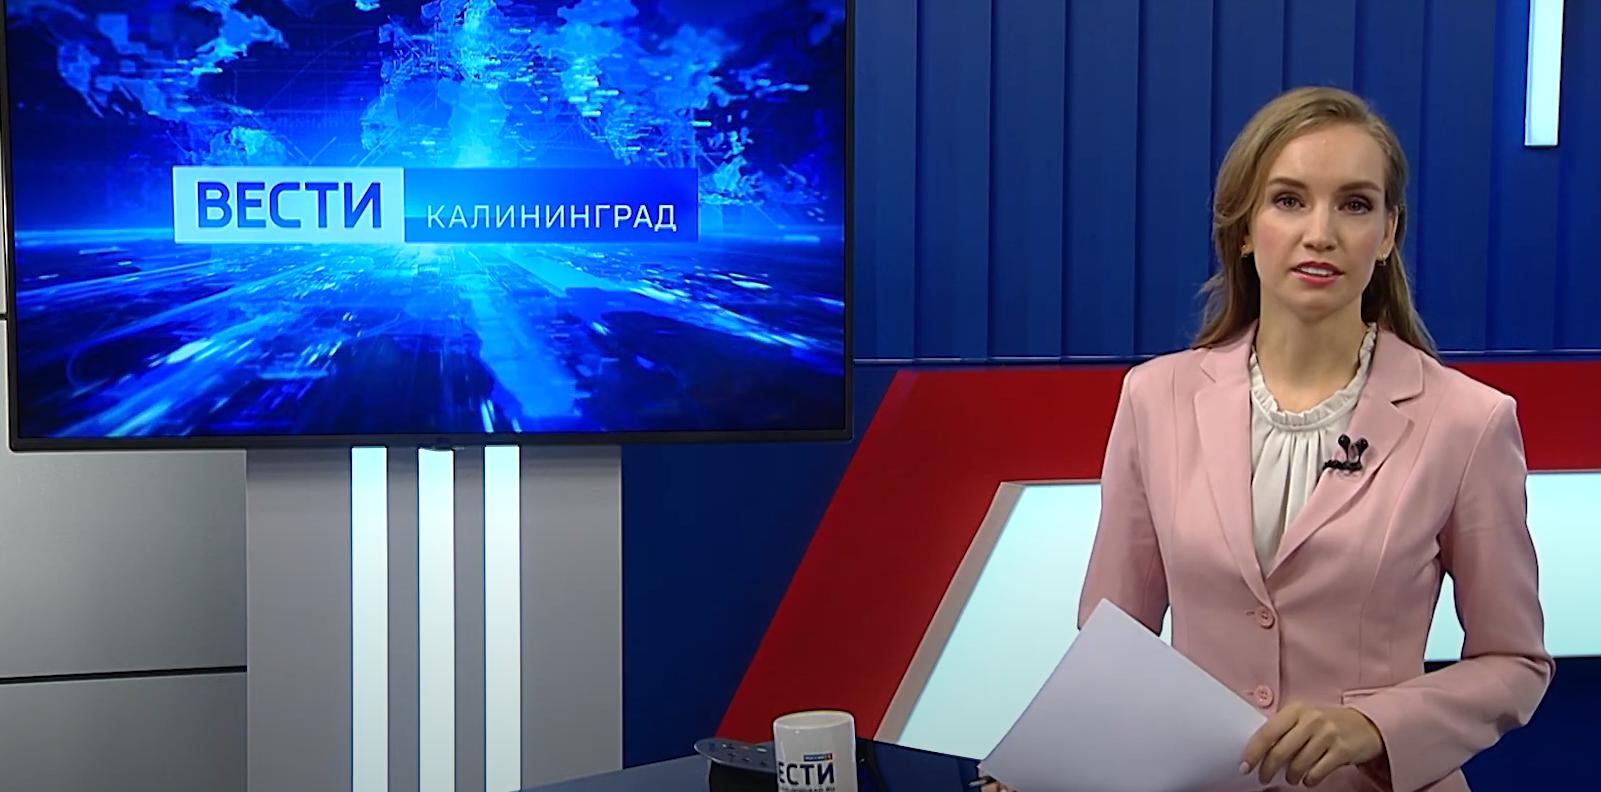 Калининградцы в числе победителей конкурса «Лучший социальный проект года»